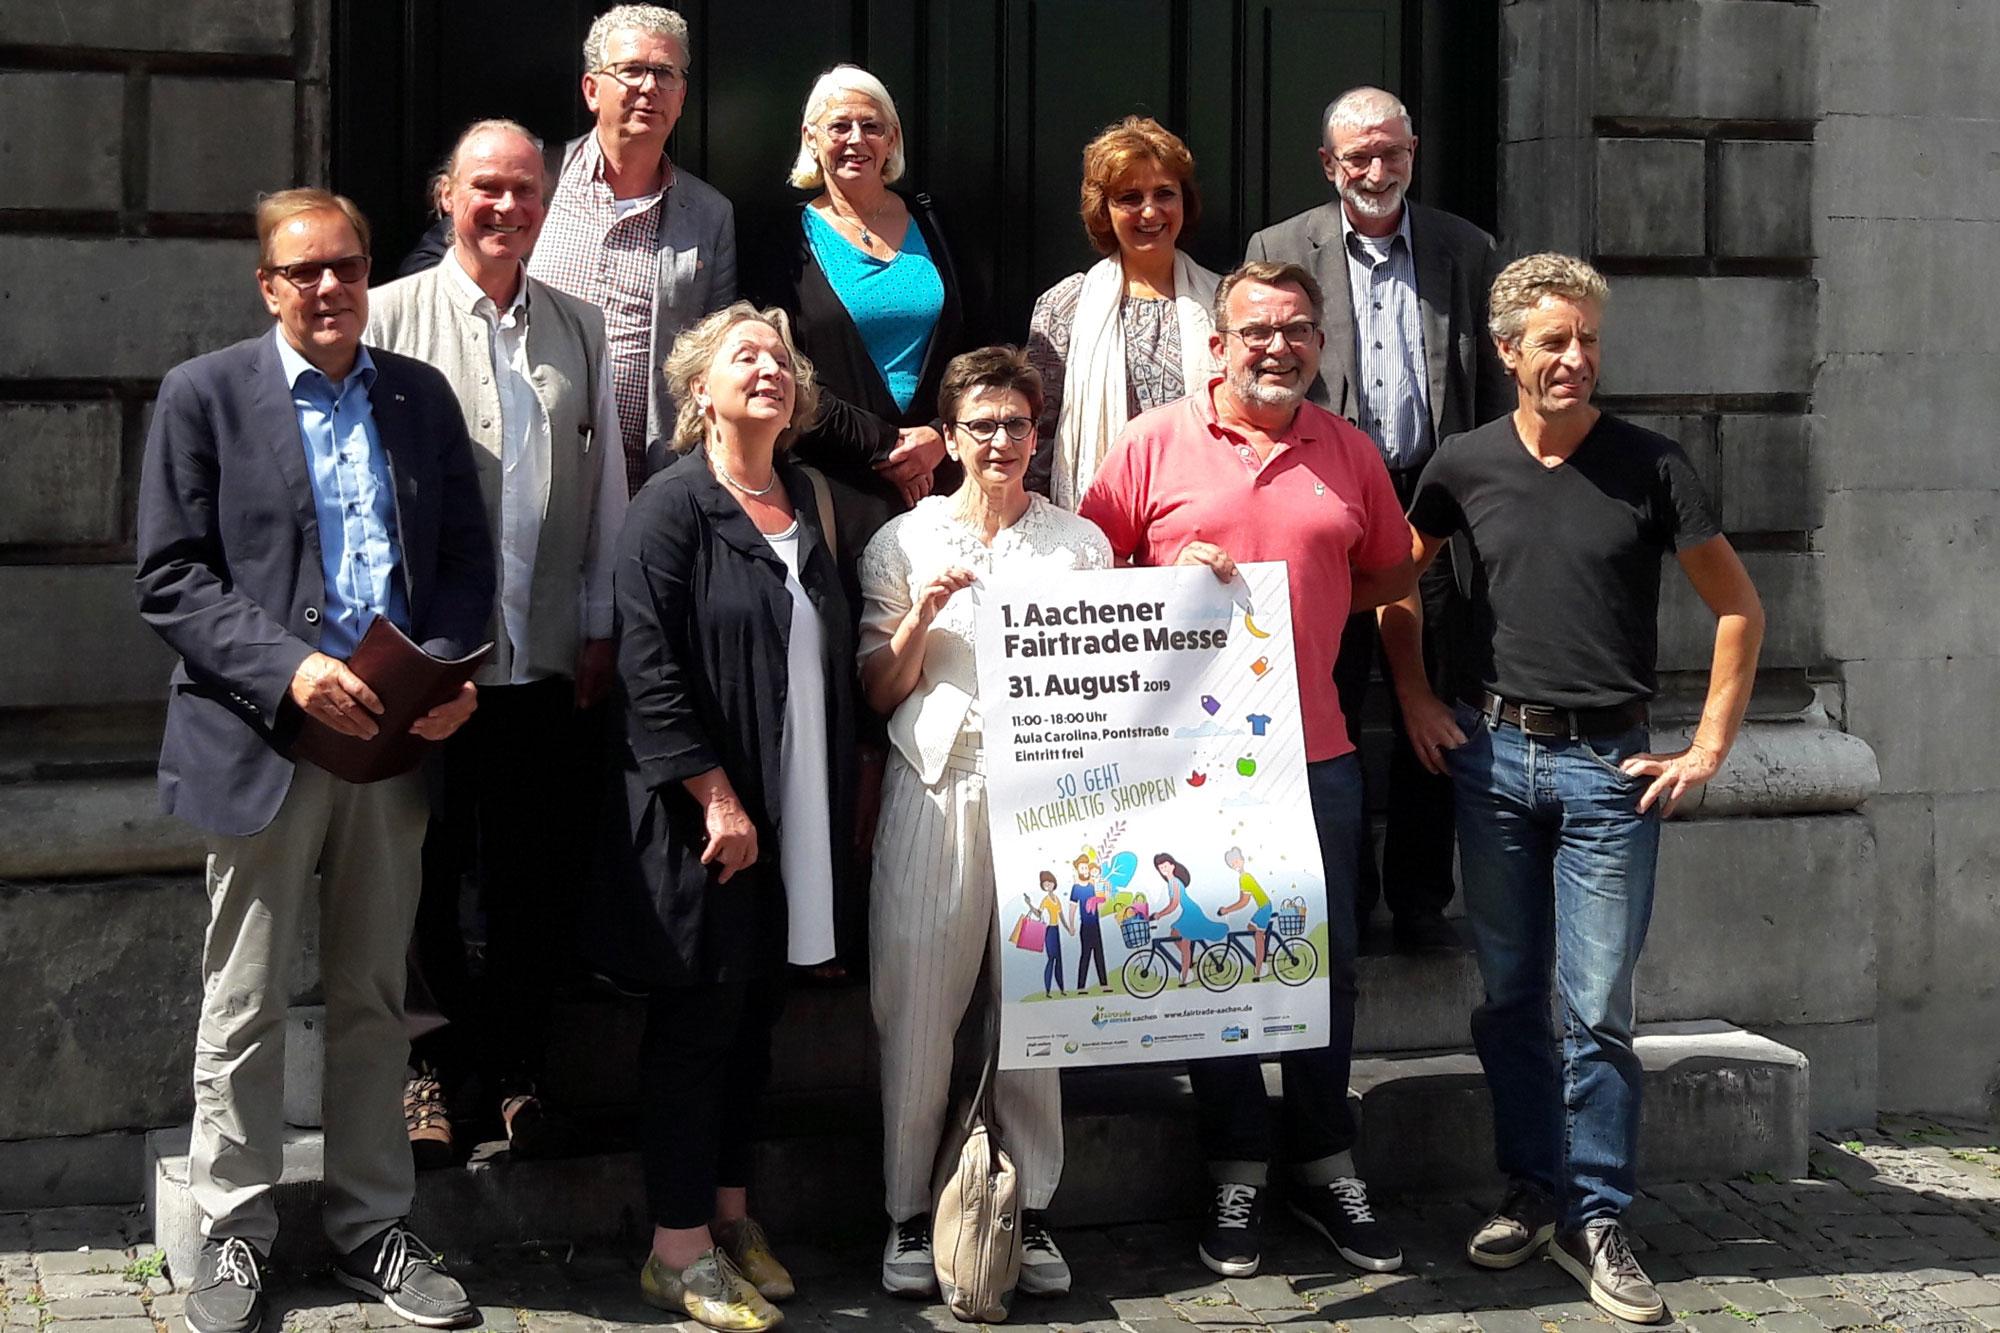 Manfred Piana, Martin Luhn, Thomas Bürgerhausen, Bürgermeisterin Hilde Scheidt, Dagmar Müller, Silvia Moss, Mona Pursey, Ralf Rossbruch, Elmar Wiezorek  und Siegbert Gossen. (Foto:Stadt Aachen)